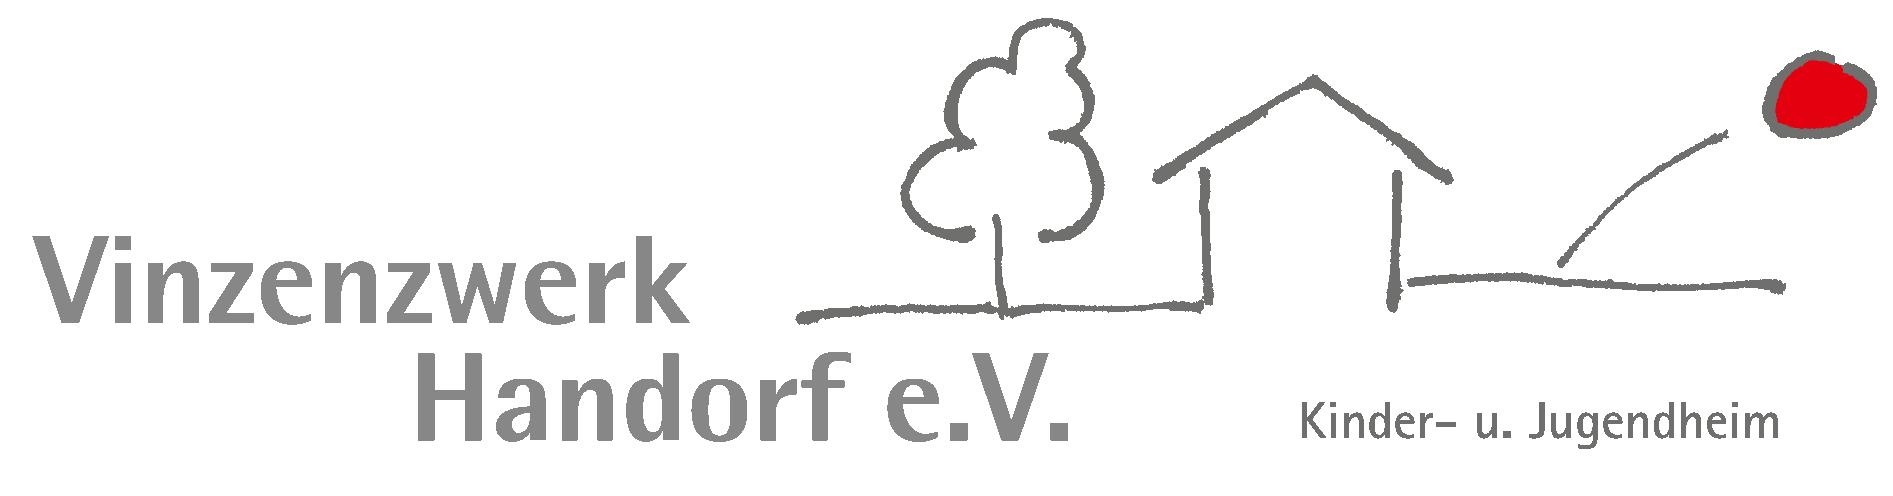 Vinzenzwerk Handorf e.V.